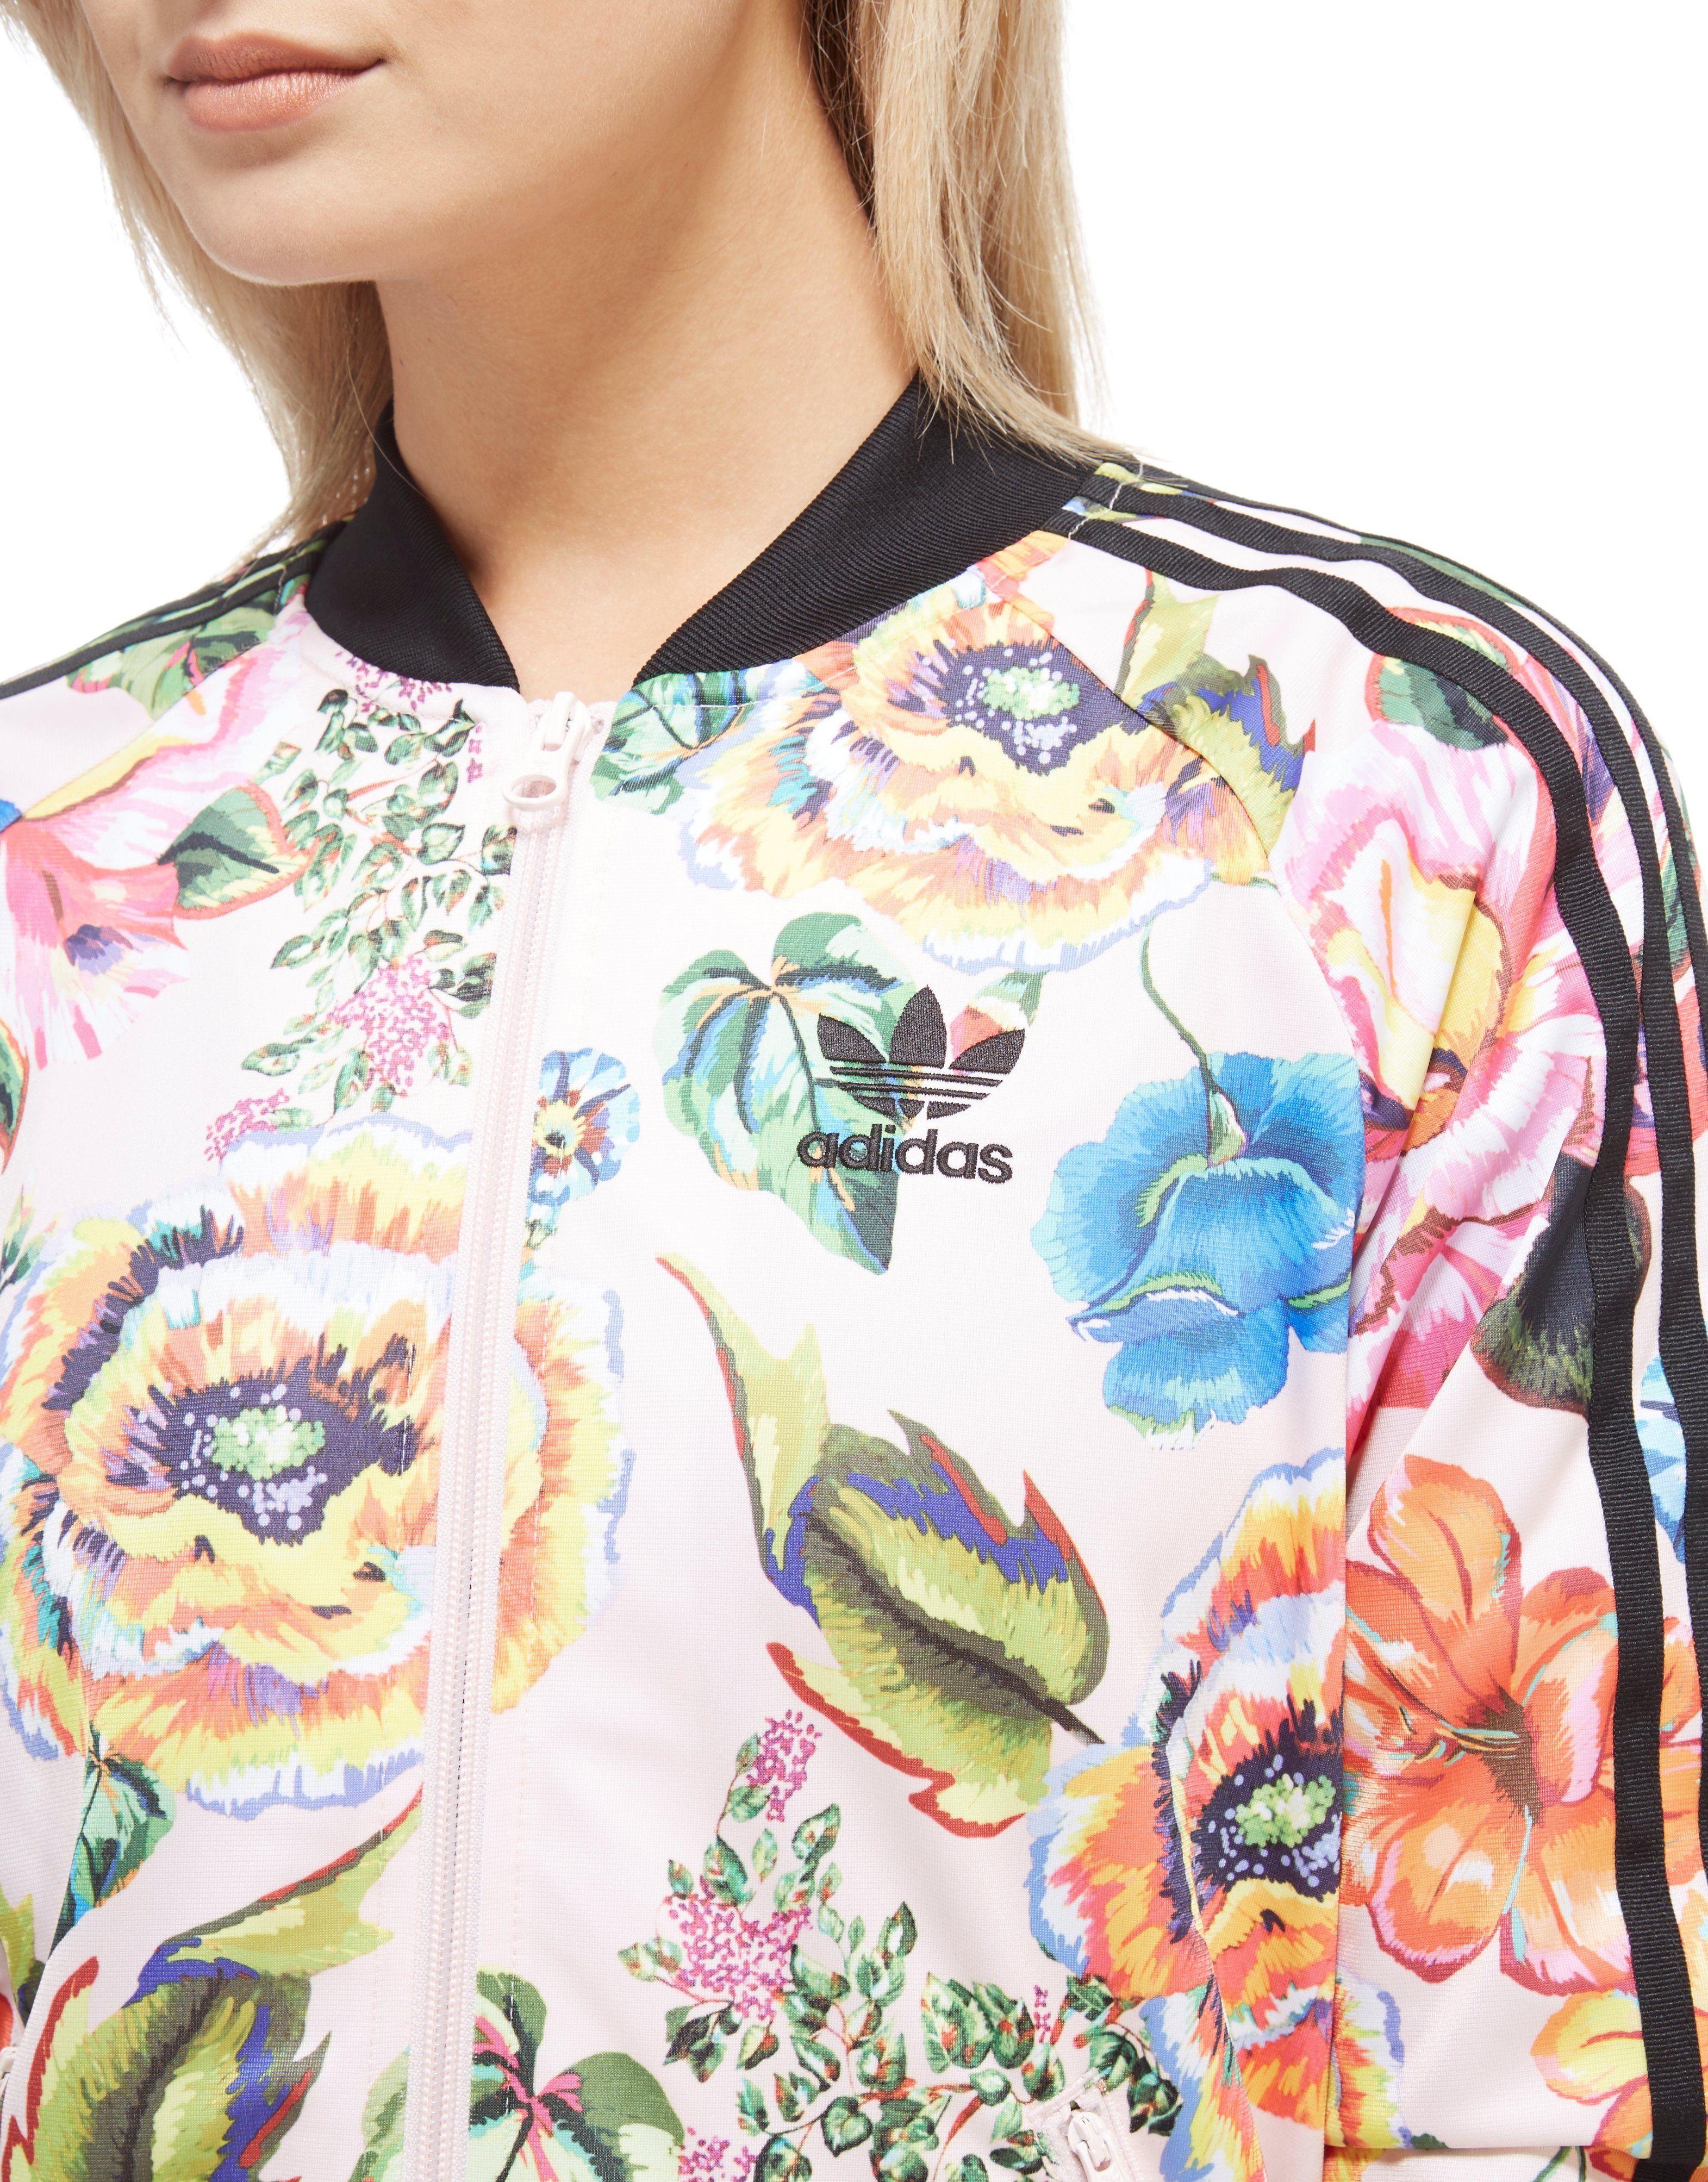 adidas Originals chaqueta FARM Superstar All Over Print